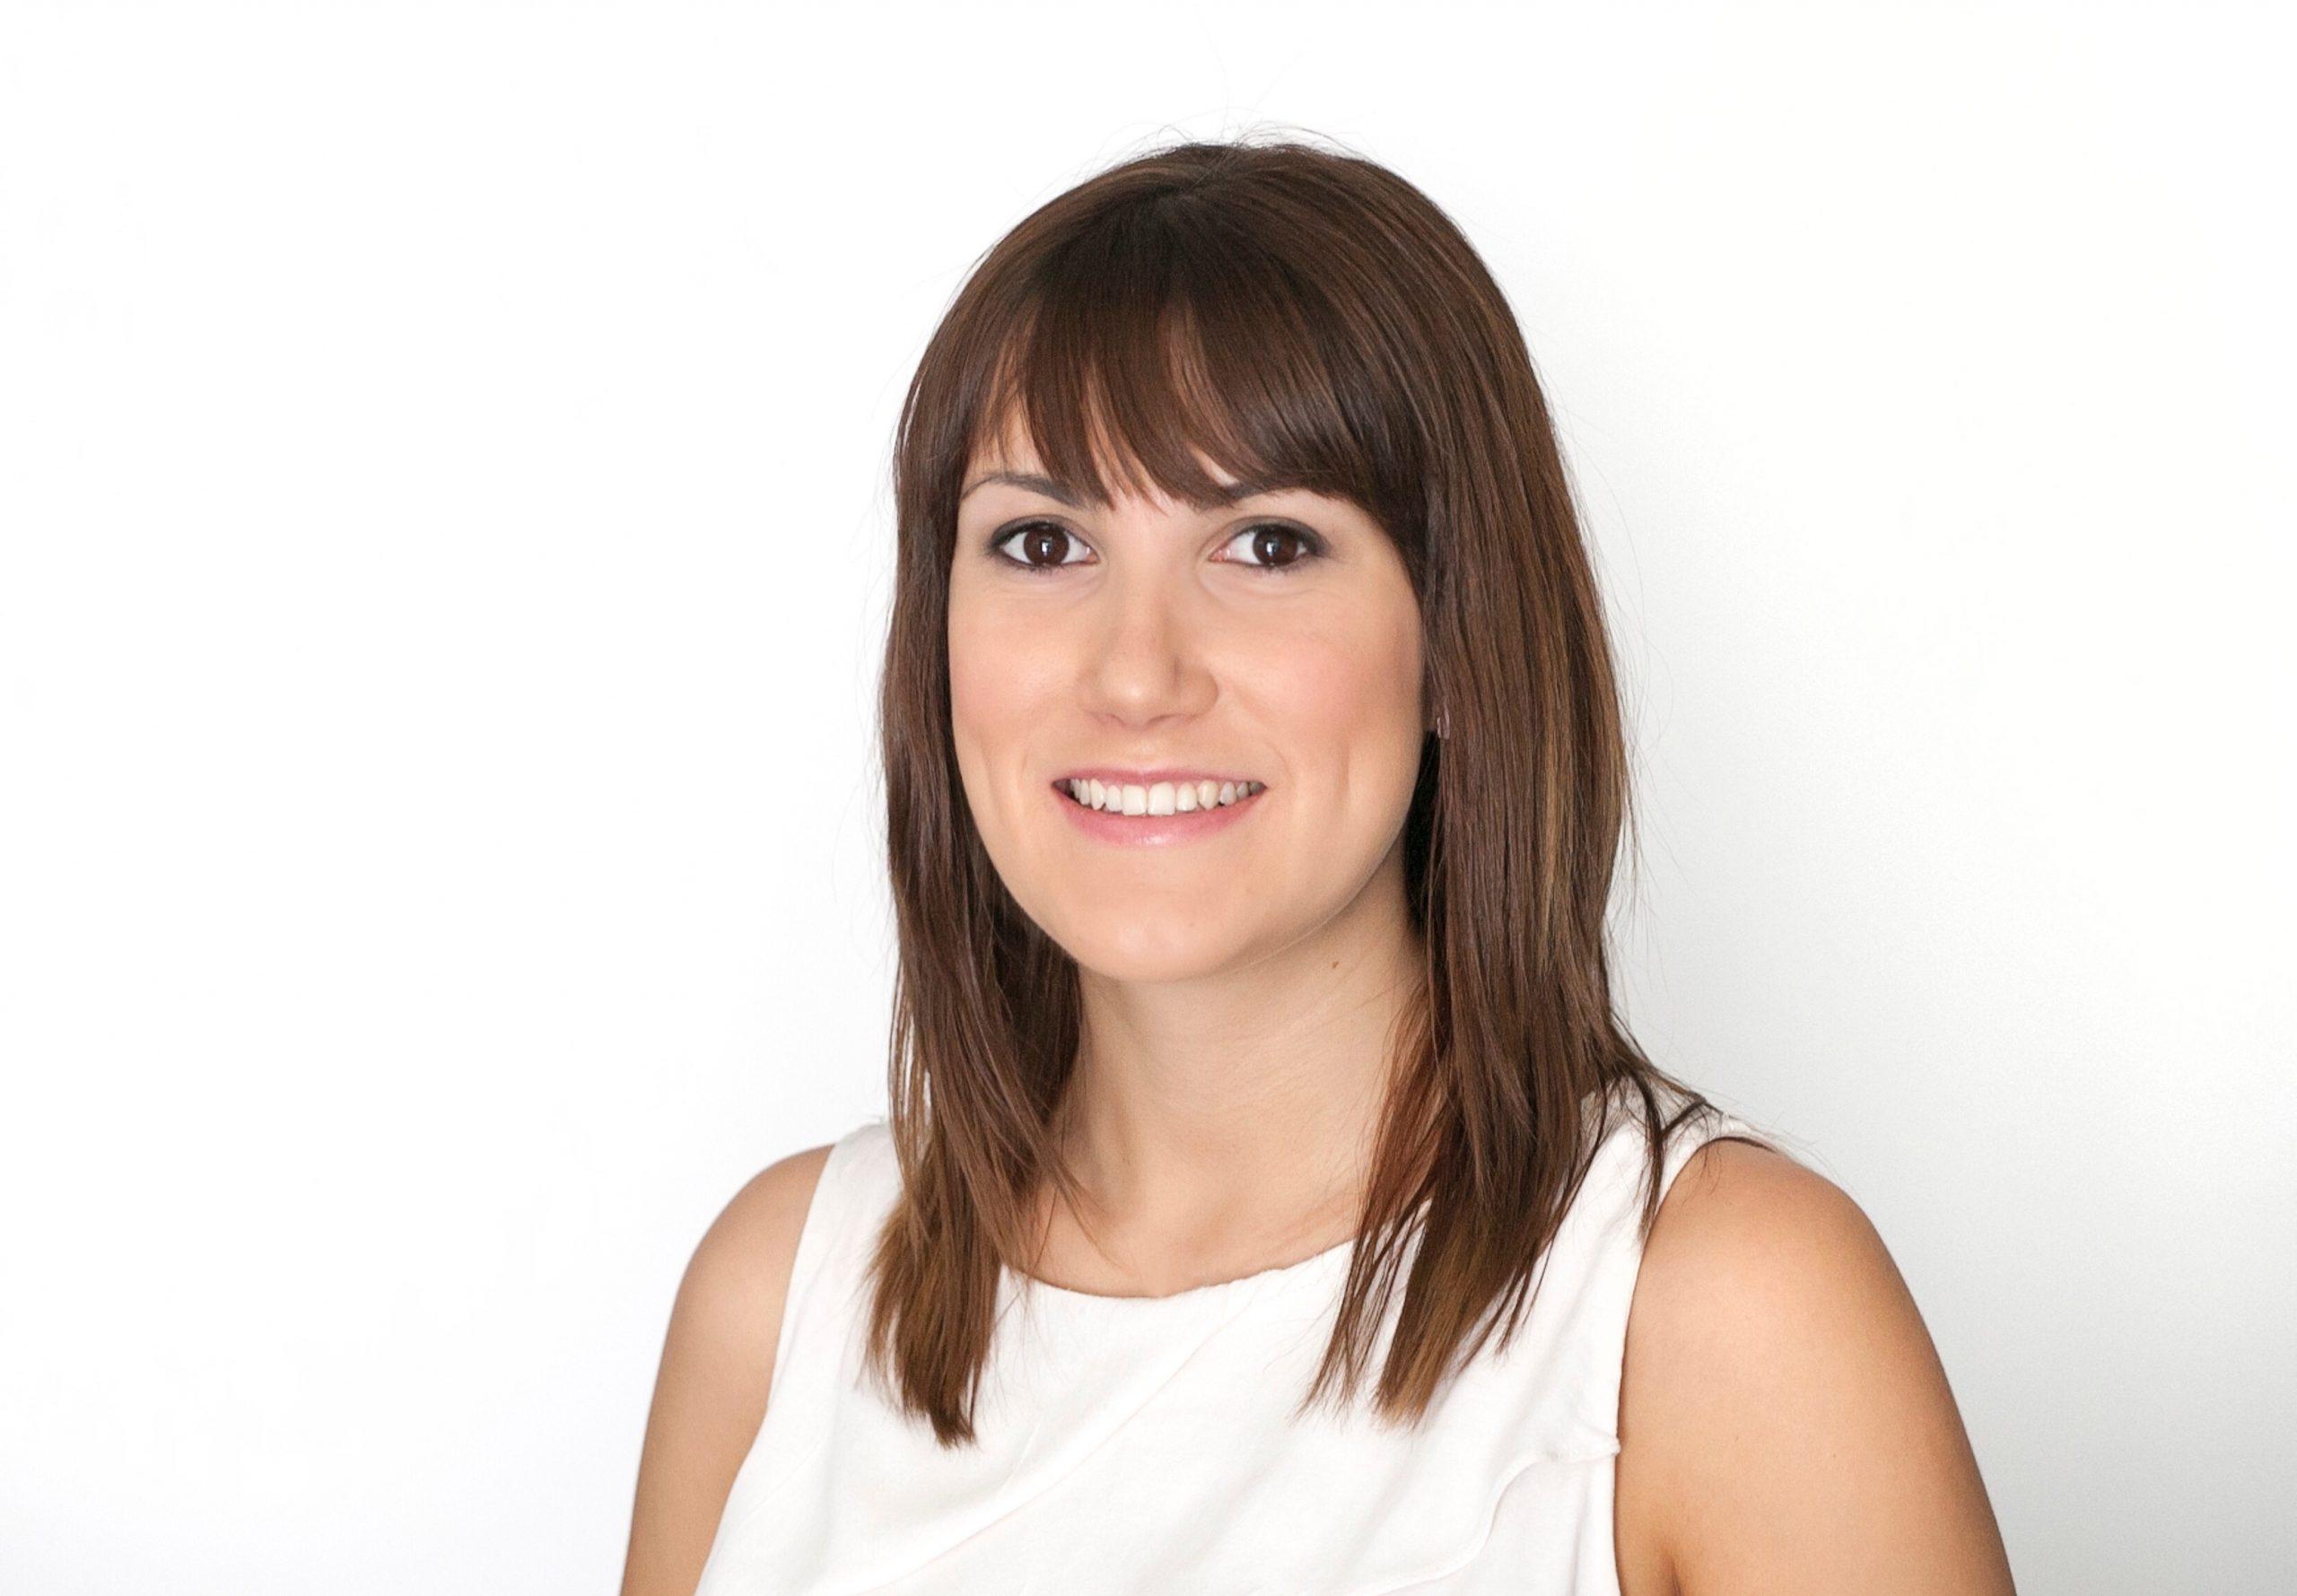 Ms. Alicia Blanco